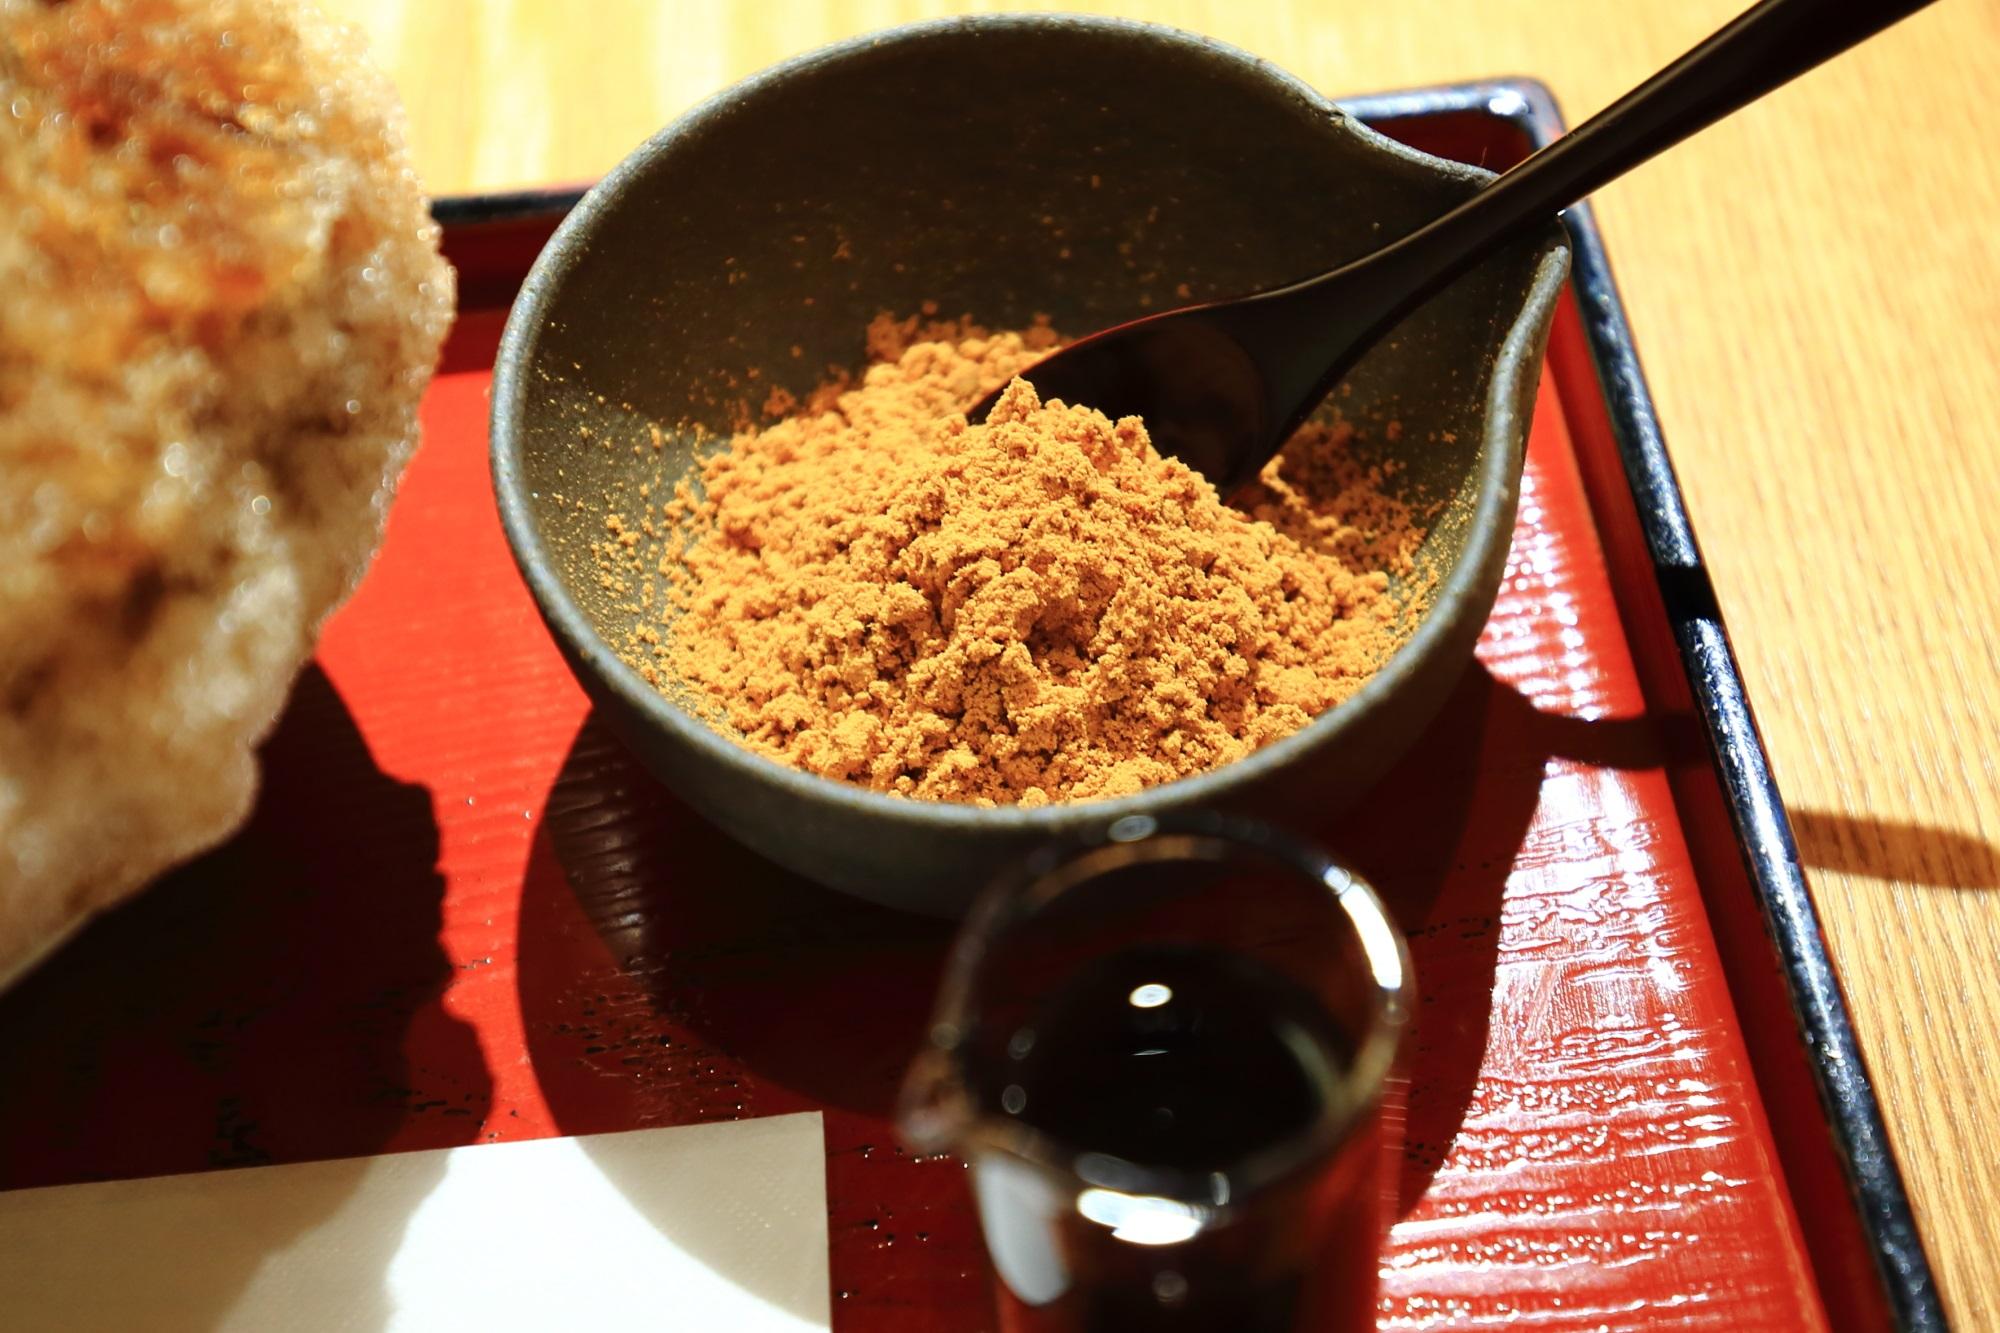 甘味処の家傳京飴 祇園小石の「わがまま氷 黒みつきなこ」のきなこ